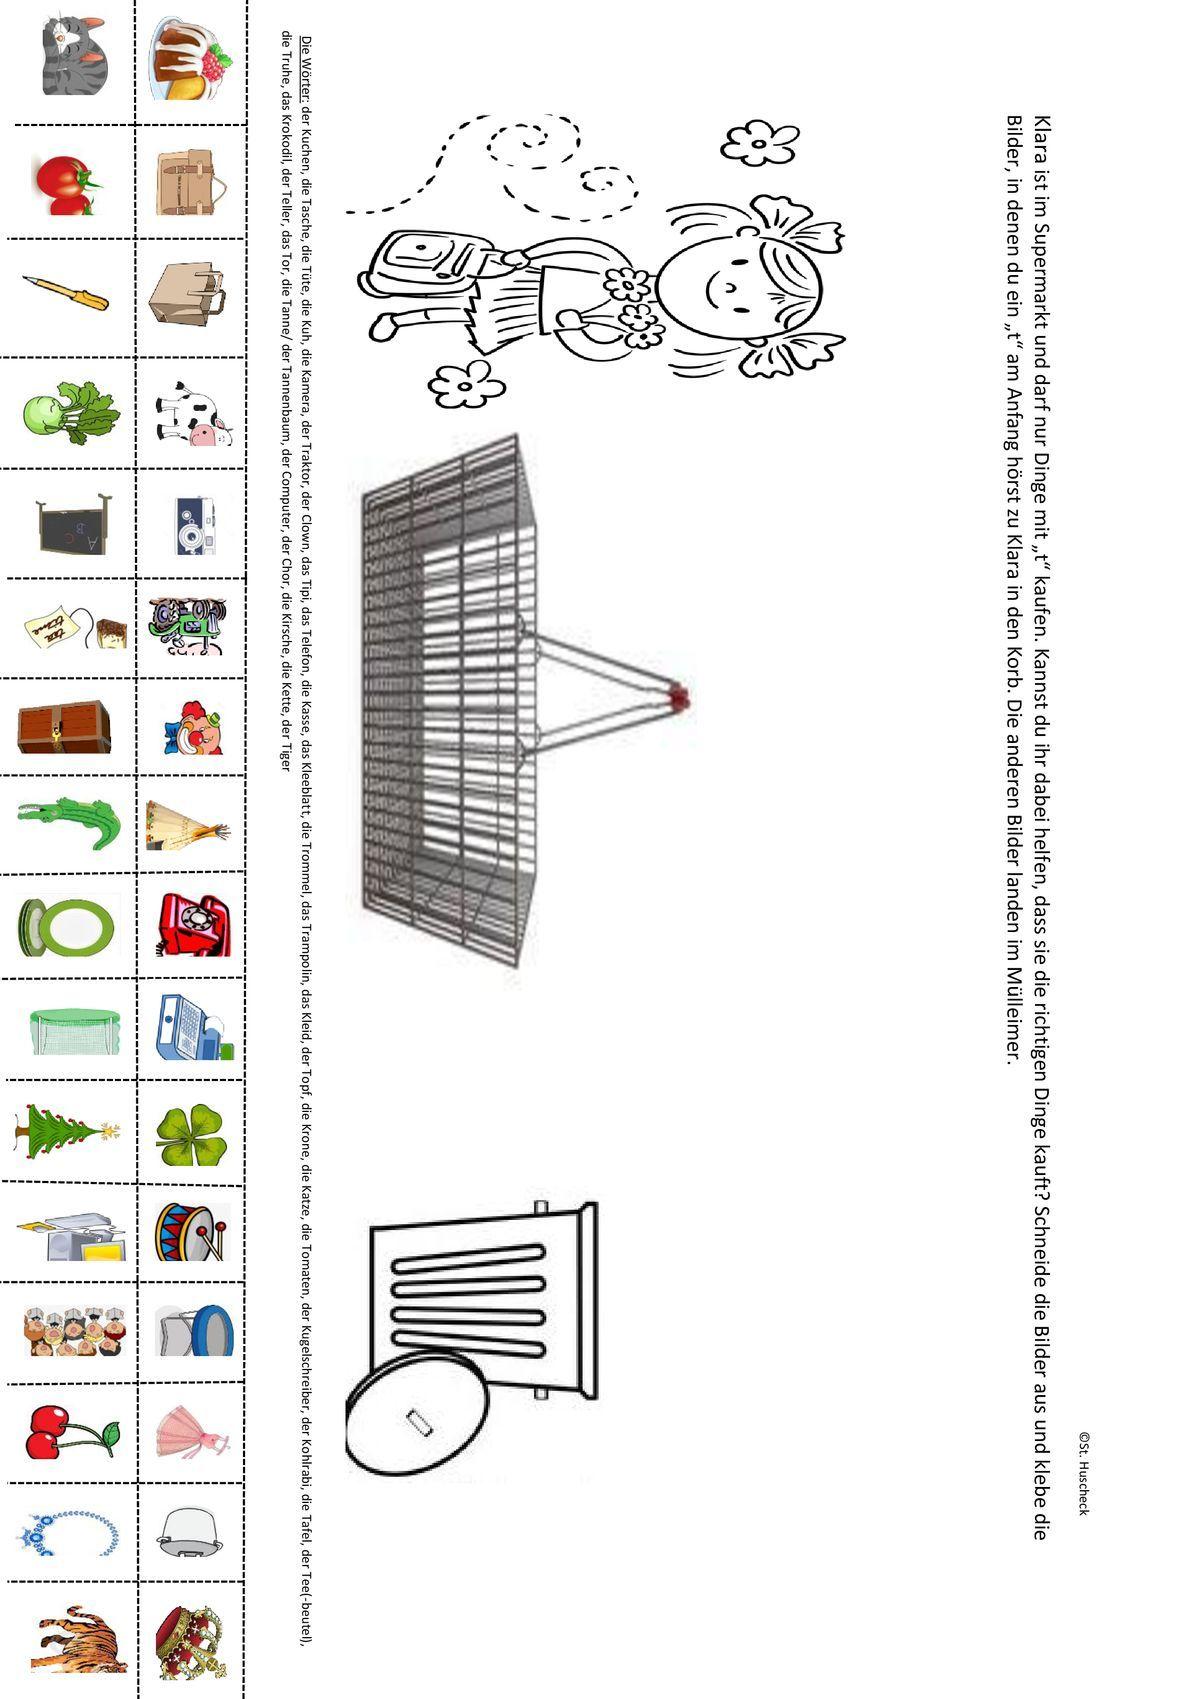 k oder t einkaufen mit klara artikulation vorkurs kinder schule einkaufen und. Black Bedroom Furniture Sets. Home Design Ideas